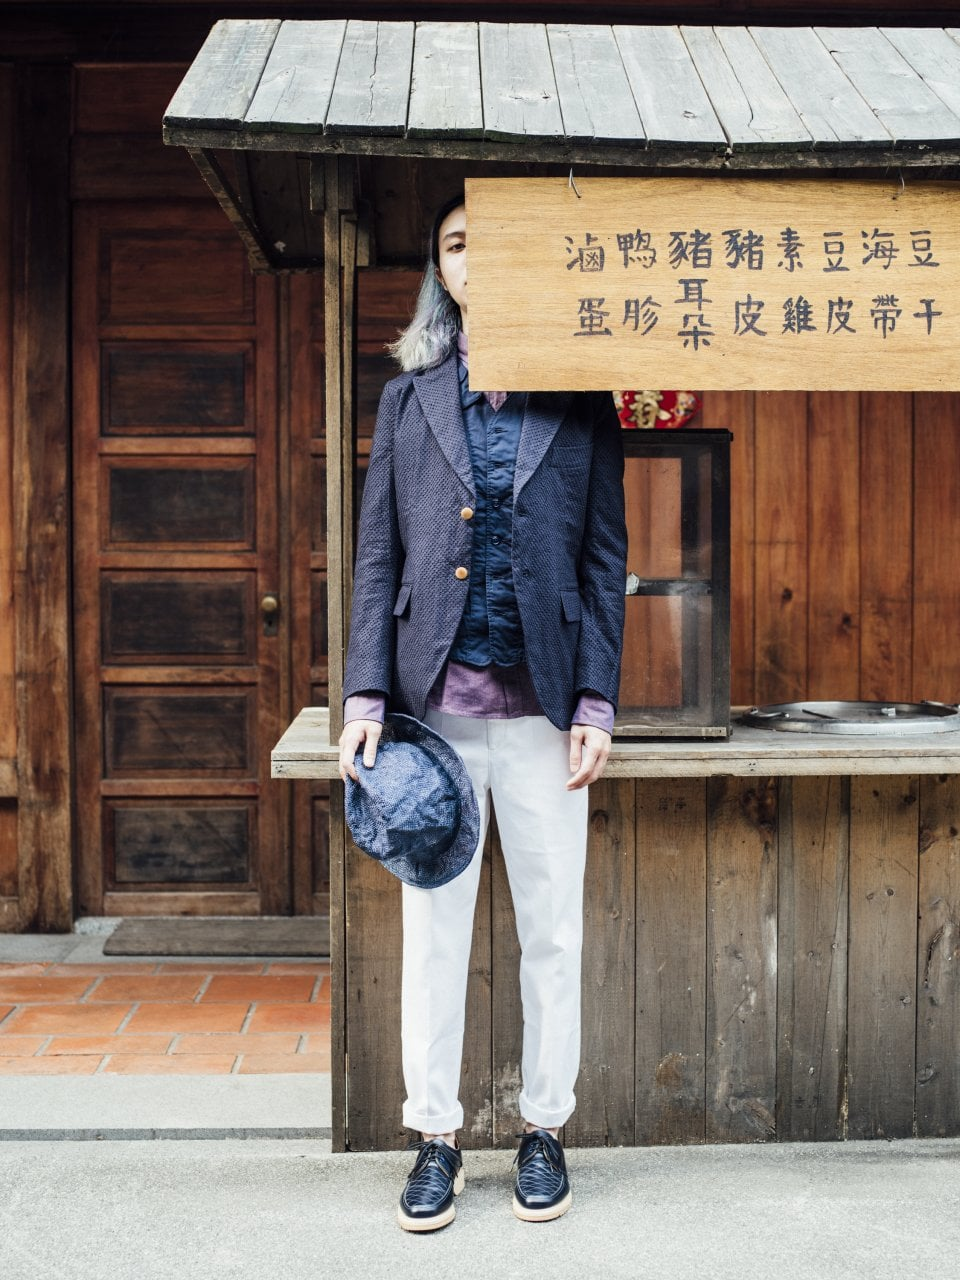 # 東區頂天選貨店 Hotel V請來攝影師 李子仁:拍攝 Treasure maps形象系列 4